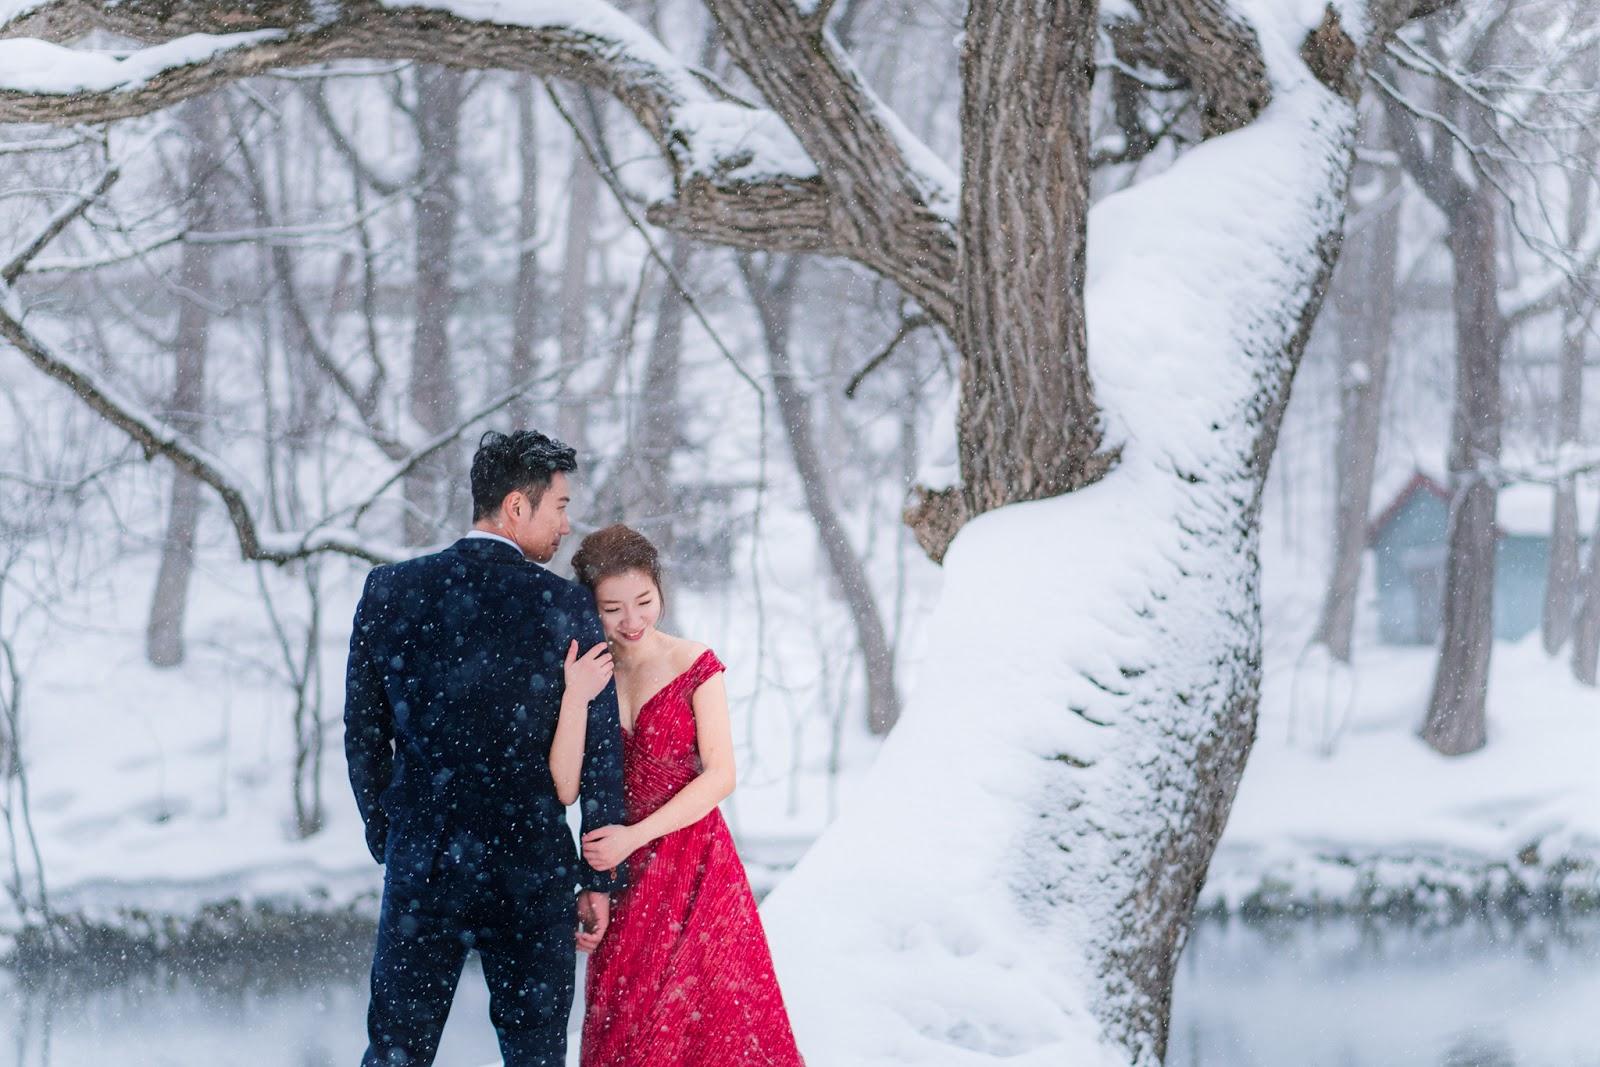 日本海外婚紗 世界最美的北海道雪景婚紗 台北海外婚紗推薦 瑪朵婚紗